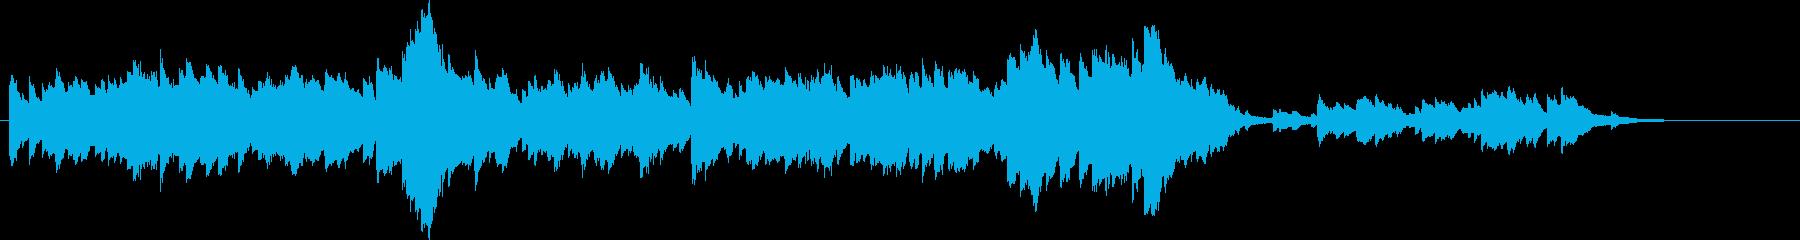 爽やかな風を駆け抜けるエモいアコギソロの再生済みの波形